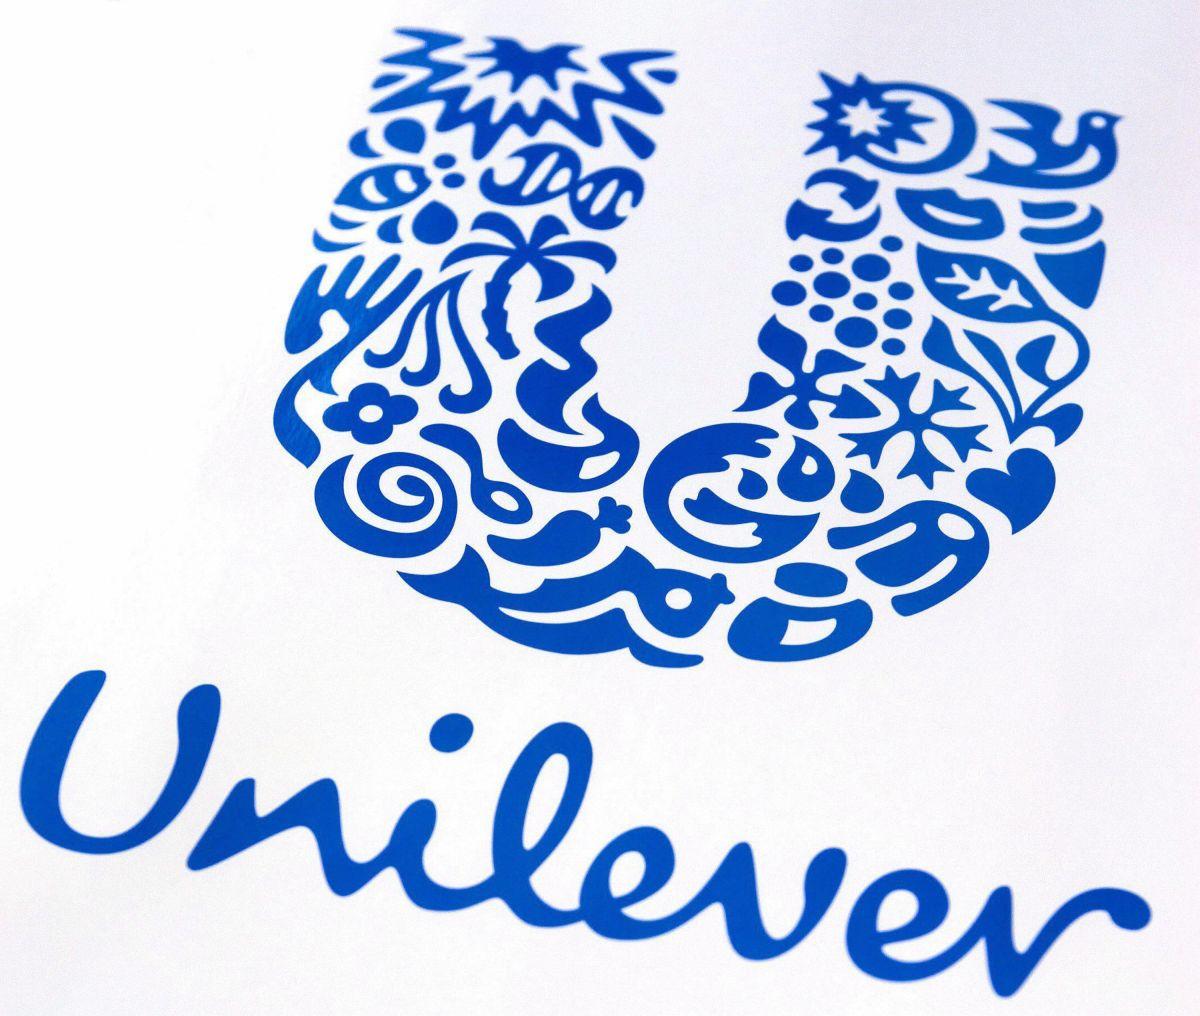 Unilever cambiará nombre de producto para aclarar la piel por sonar racista